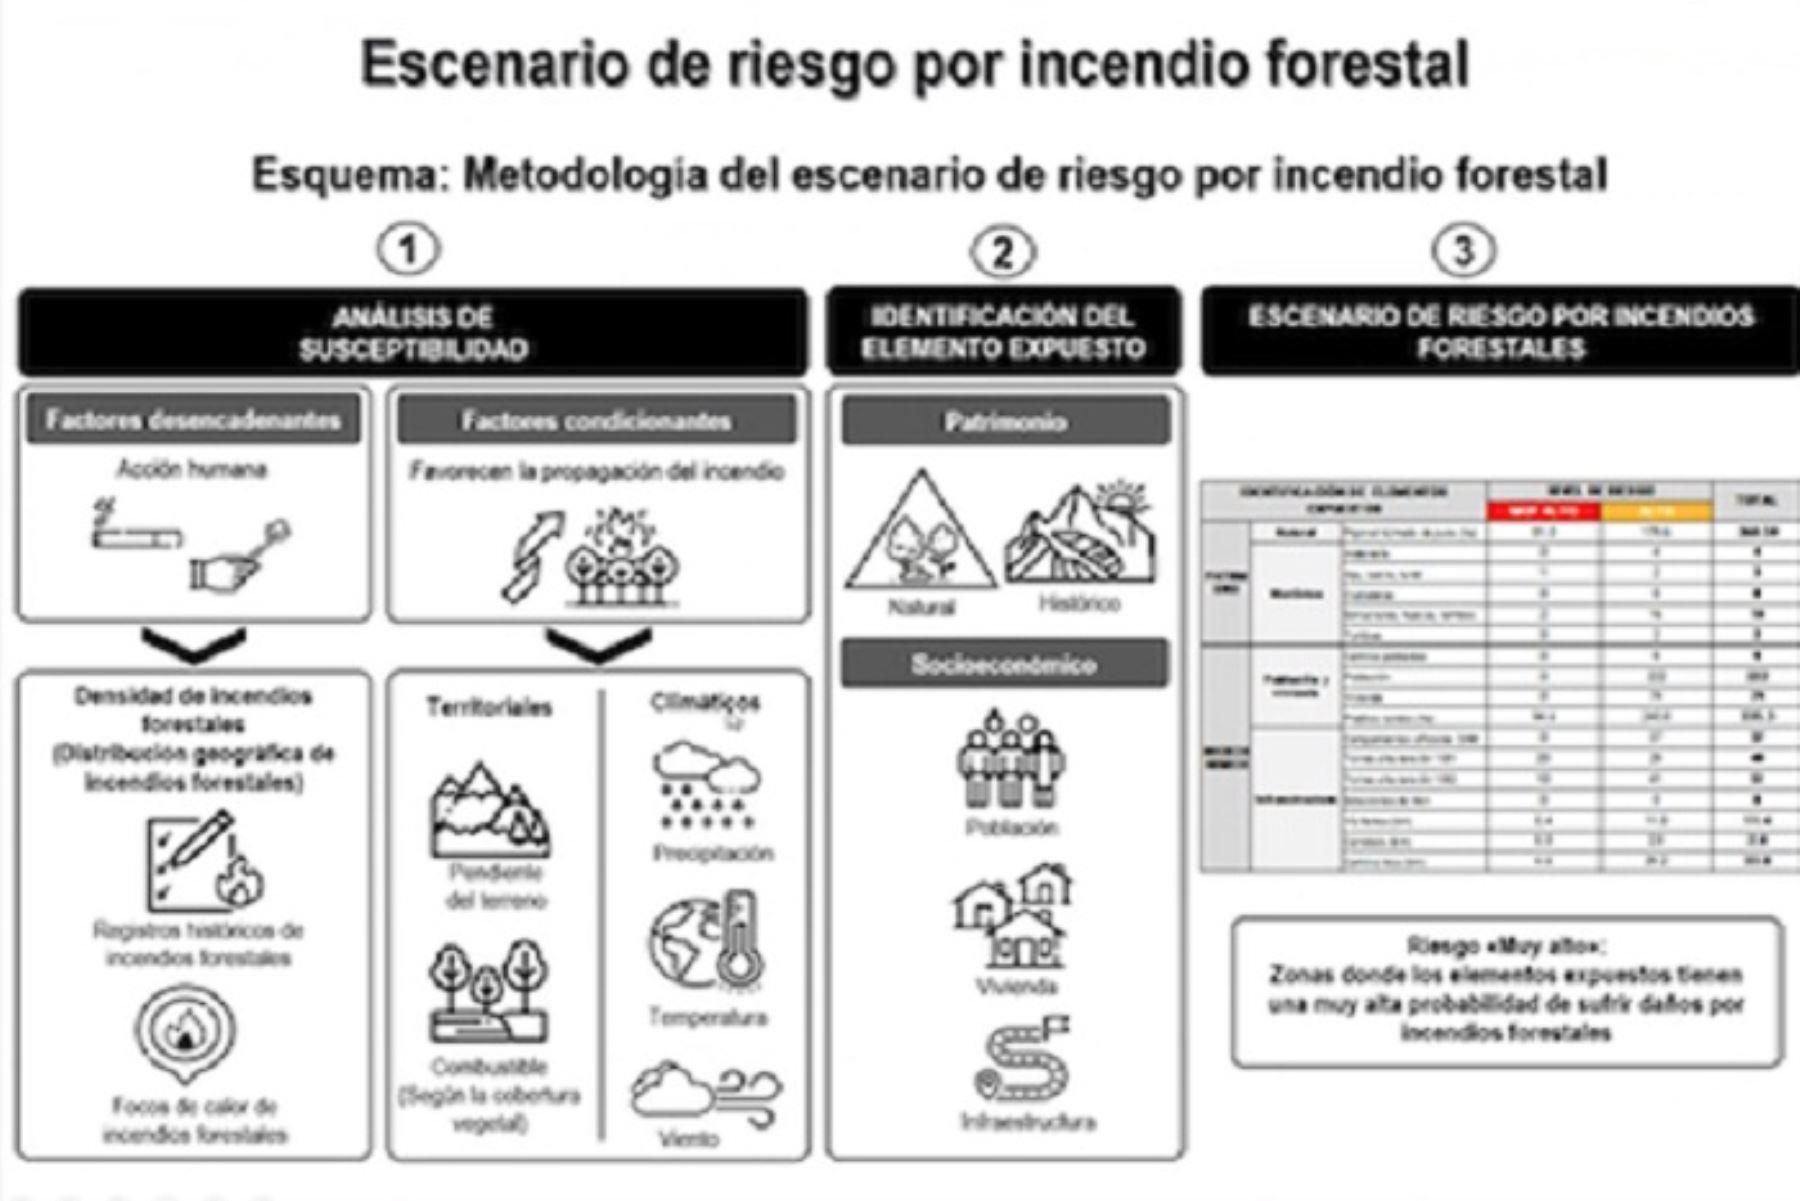 El instrumento permitirá al Senanp formular el plan de prevención y reducción del riesgo de desastres ante incendios forestales para el santuario histórico de Machu Picchu al 2022.